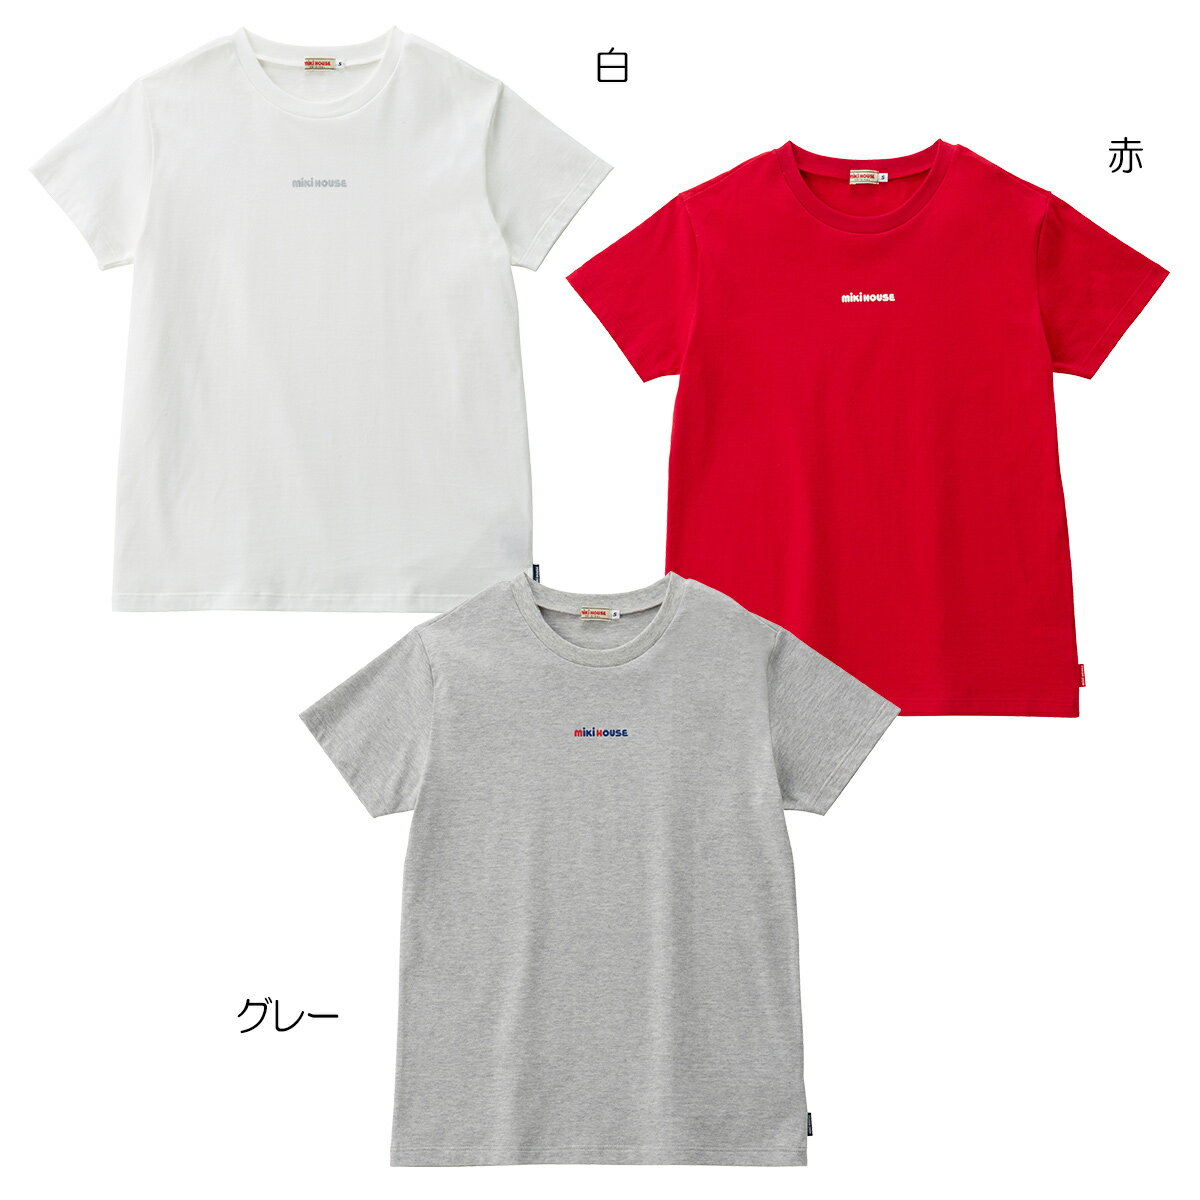 ミキハウス mikihouse ロゴプリント半袖Tシャツ(大人用)〈S-L(155cm-185cm)〉